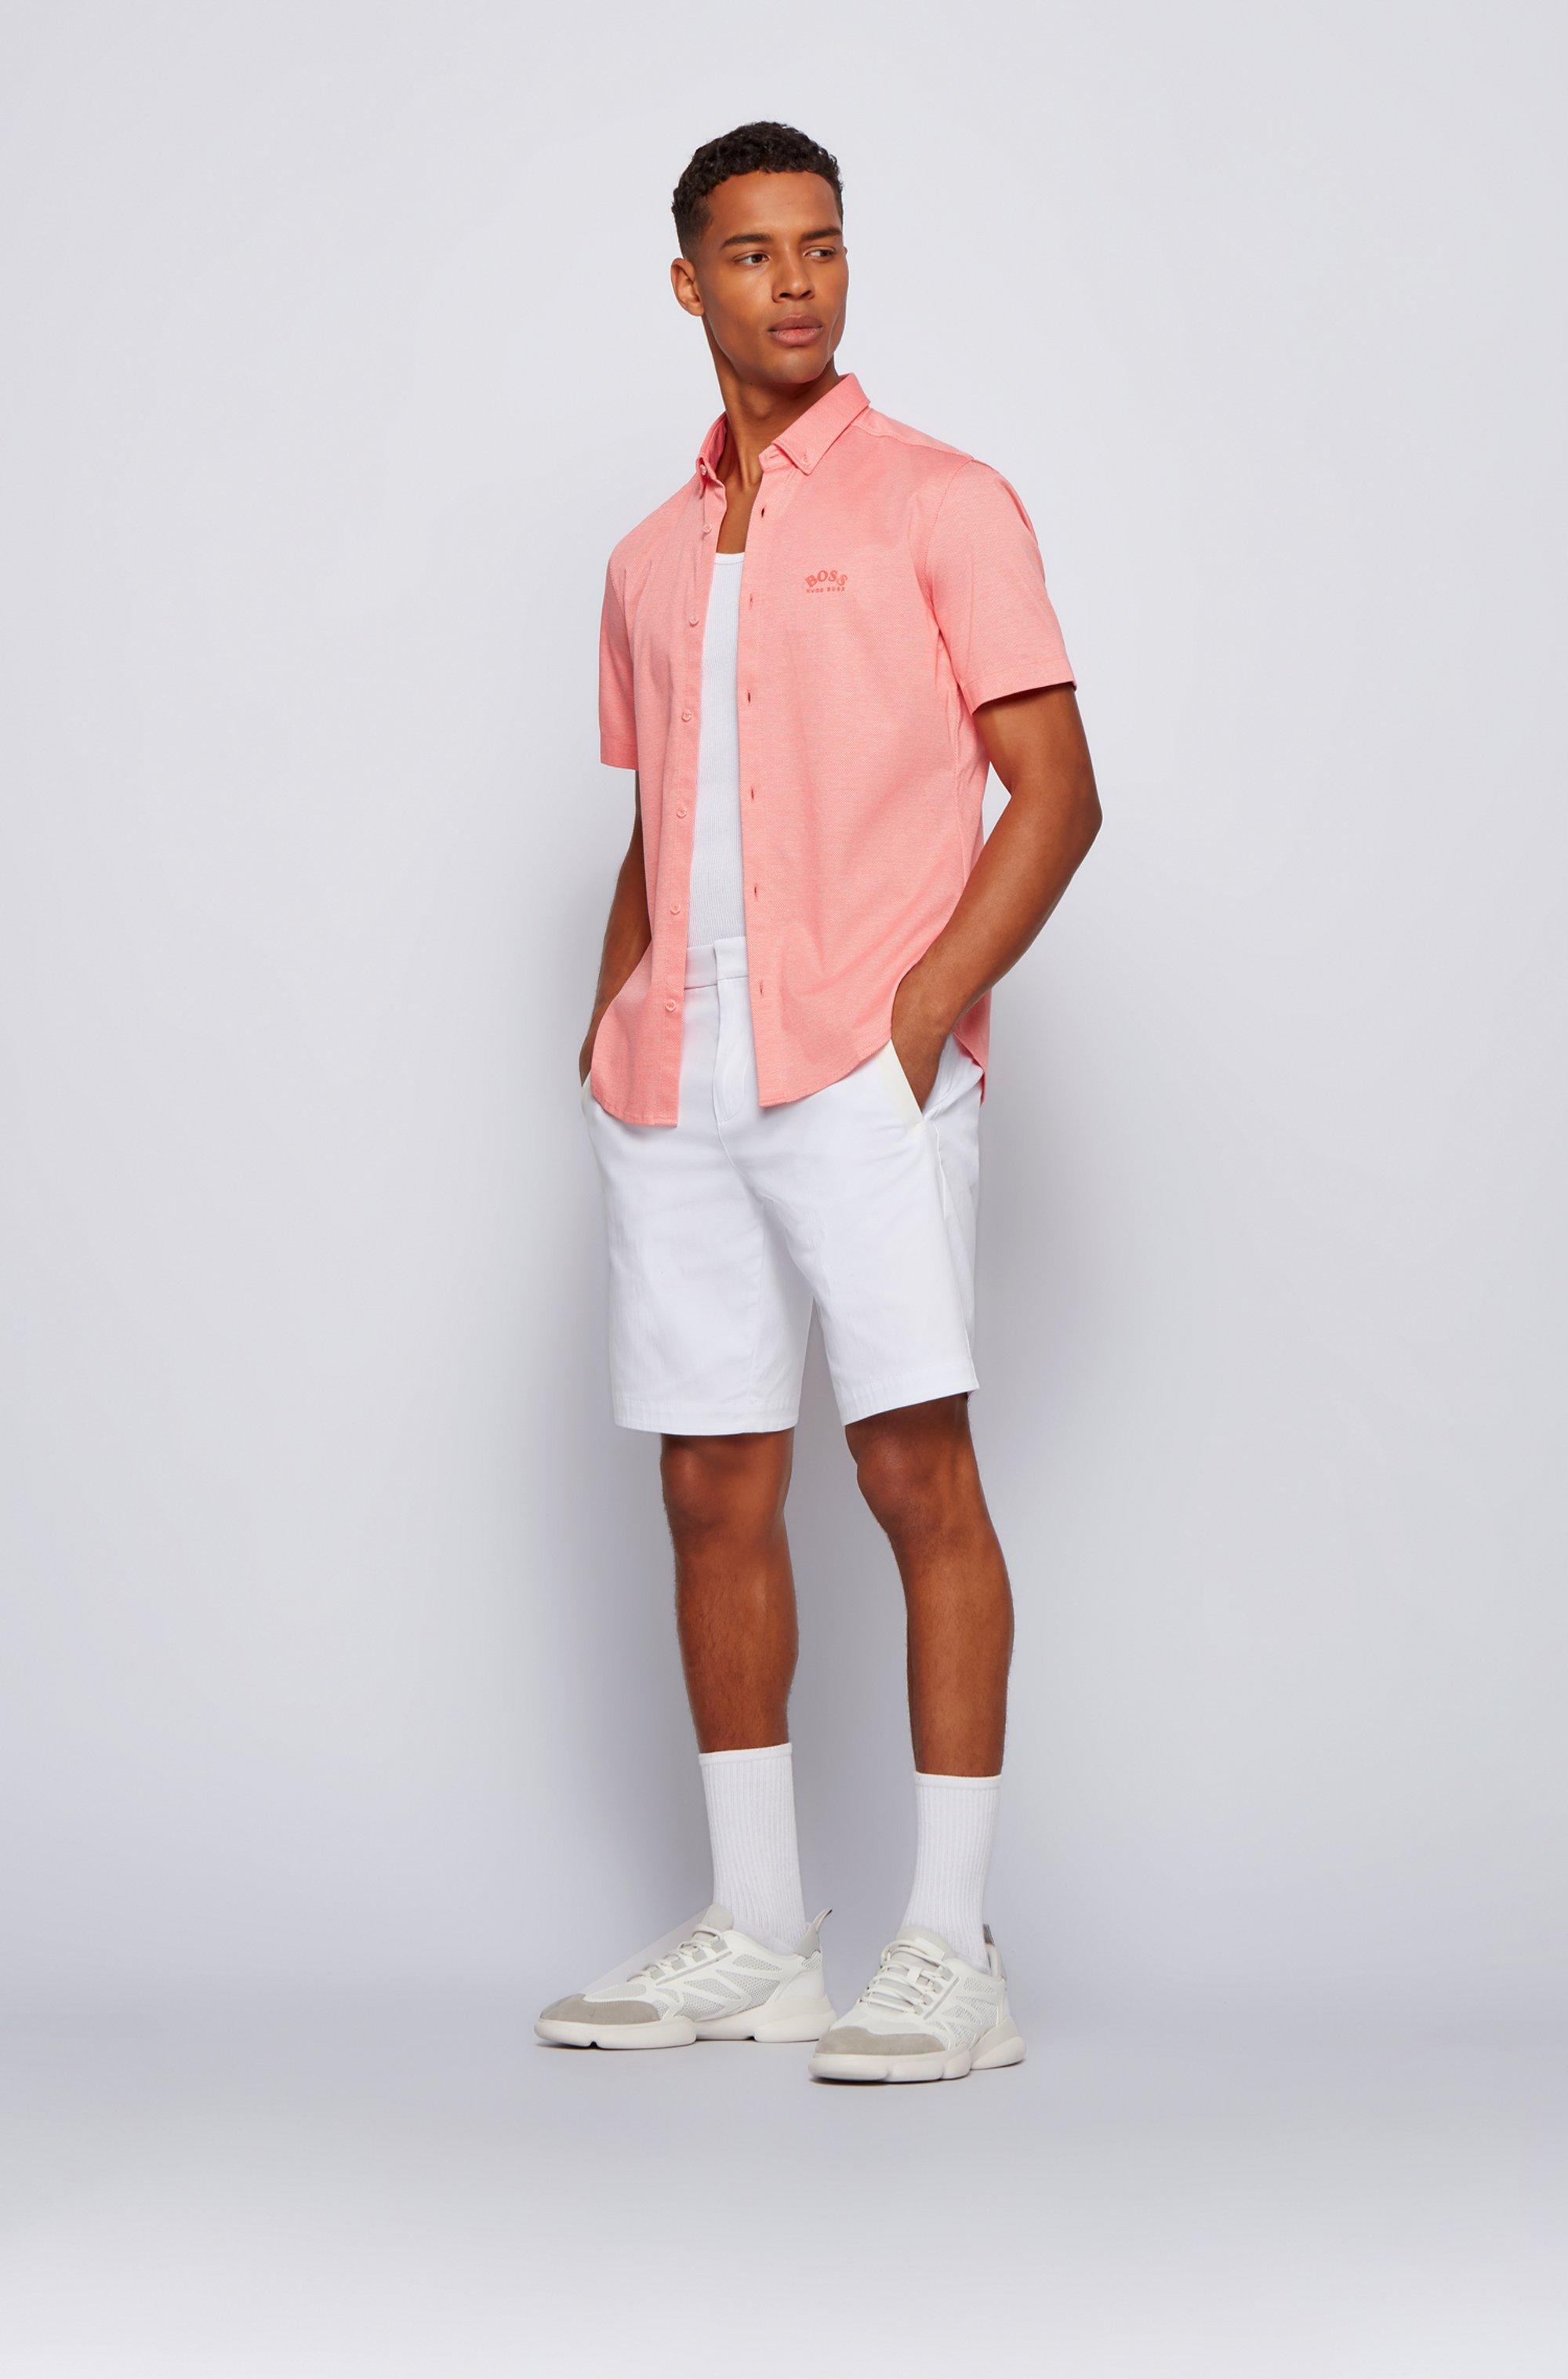 Chemise Regular Fit à manches courtes avec logo incurvé